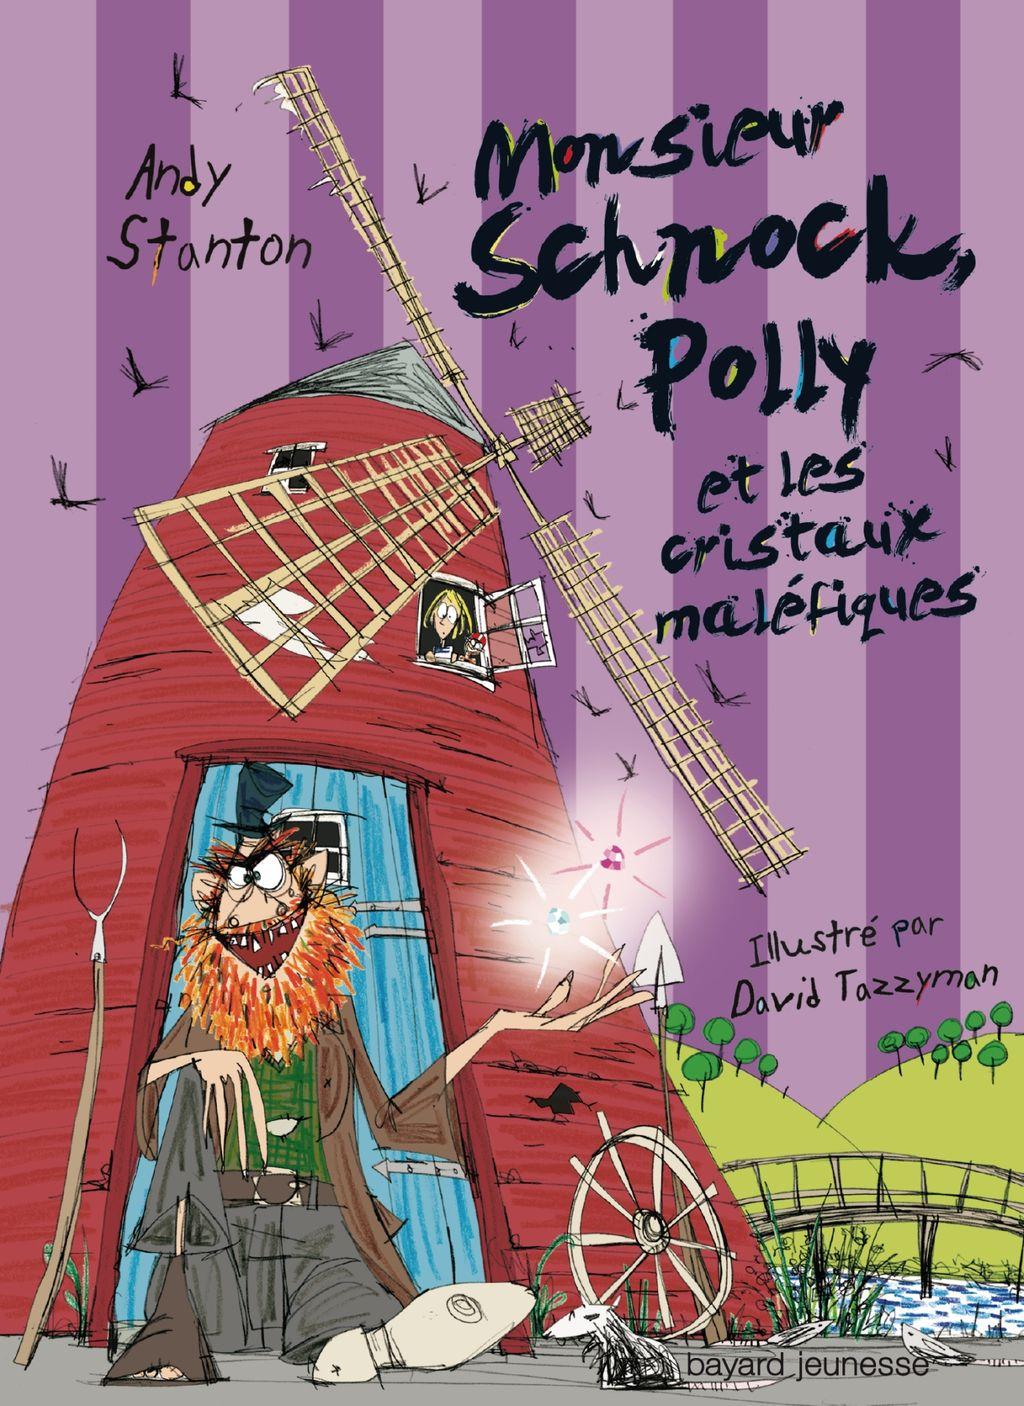 Couverture de «Monsieur Schnock, Polly et les cristaux maléfiques»